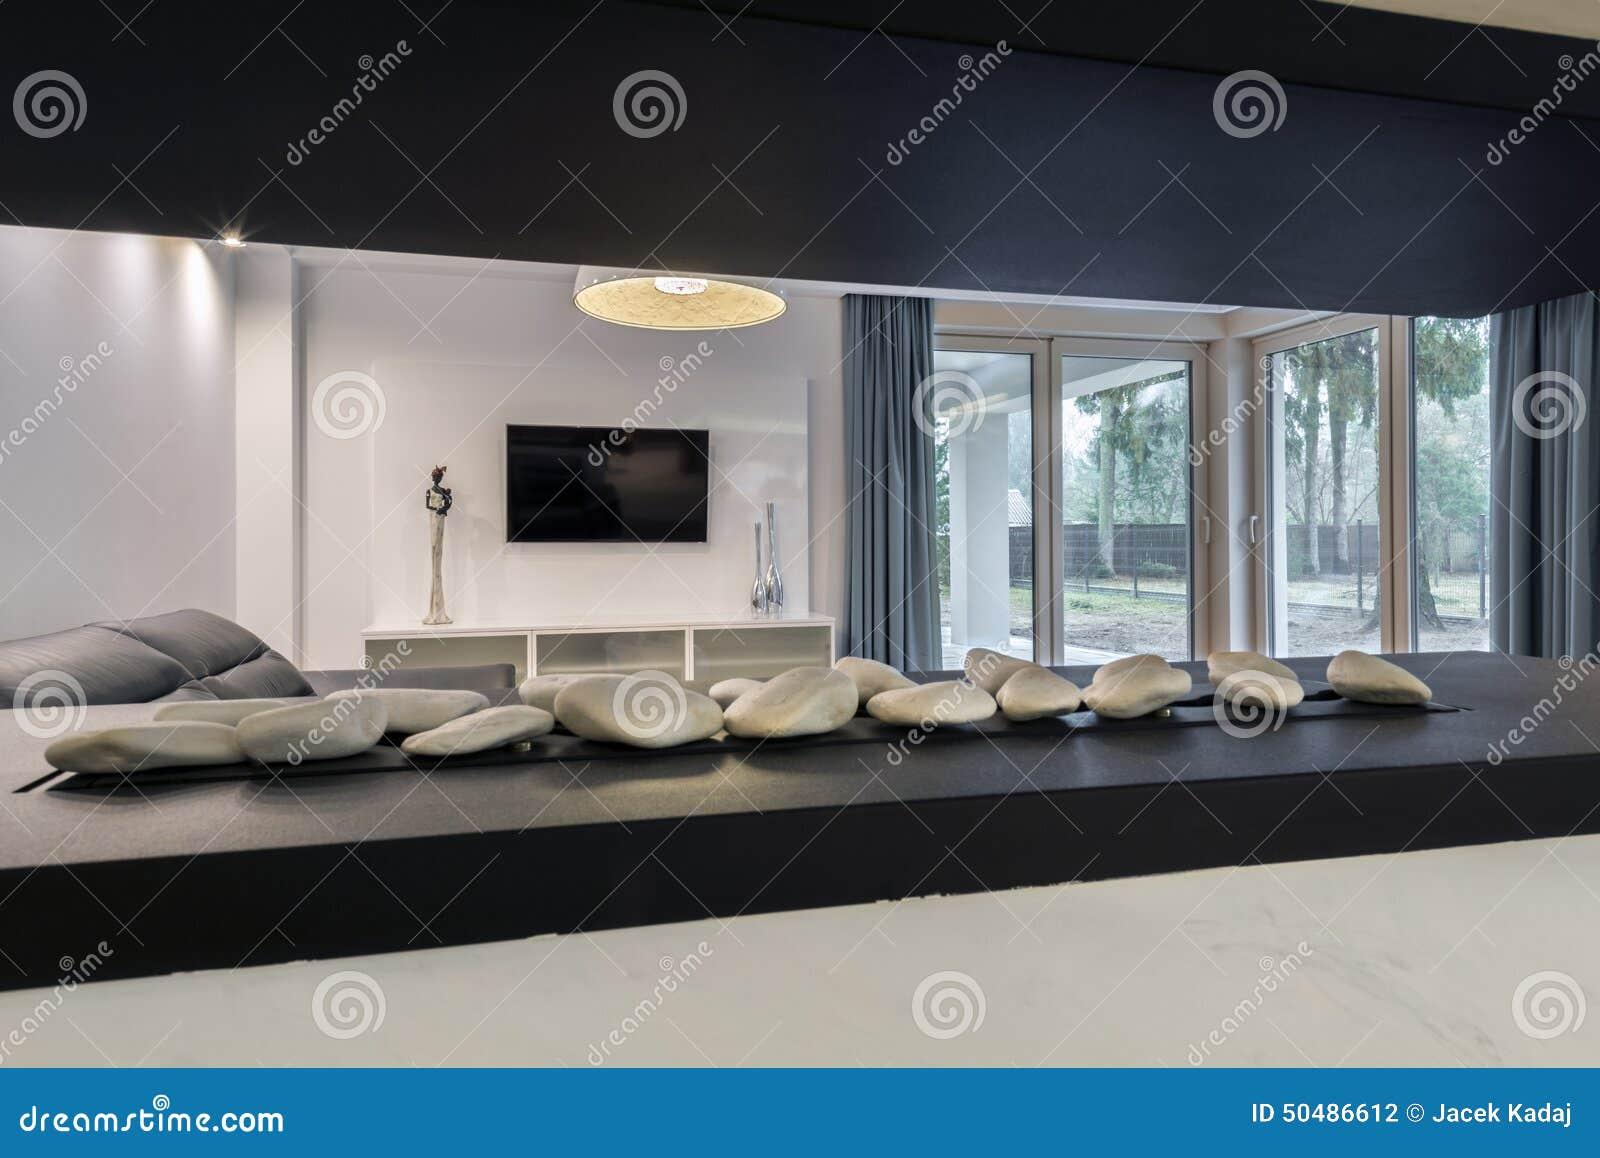 Cheminée Moderne Dans Le Salon Photo stock - Image du home, étage ...